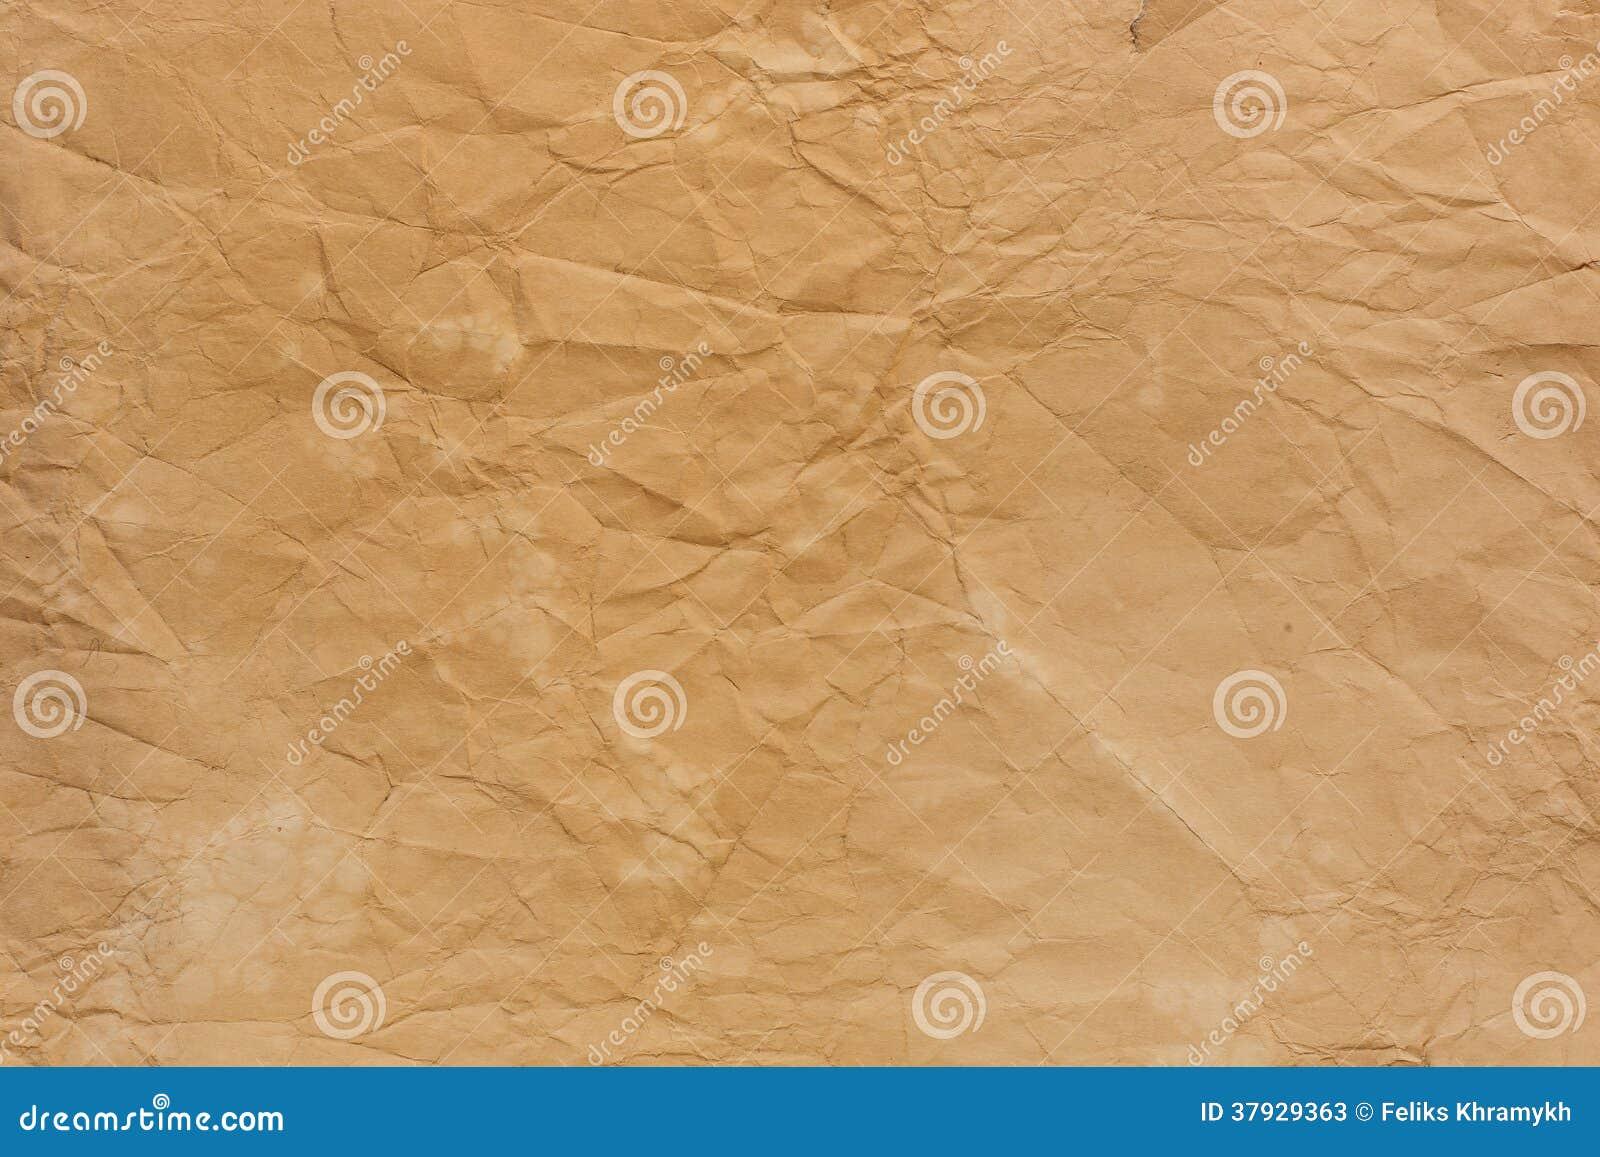 Старая скомканная бумажная текстура